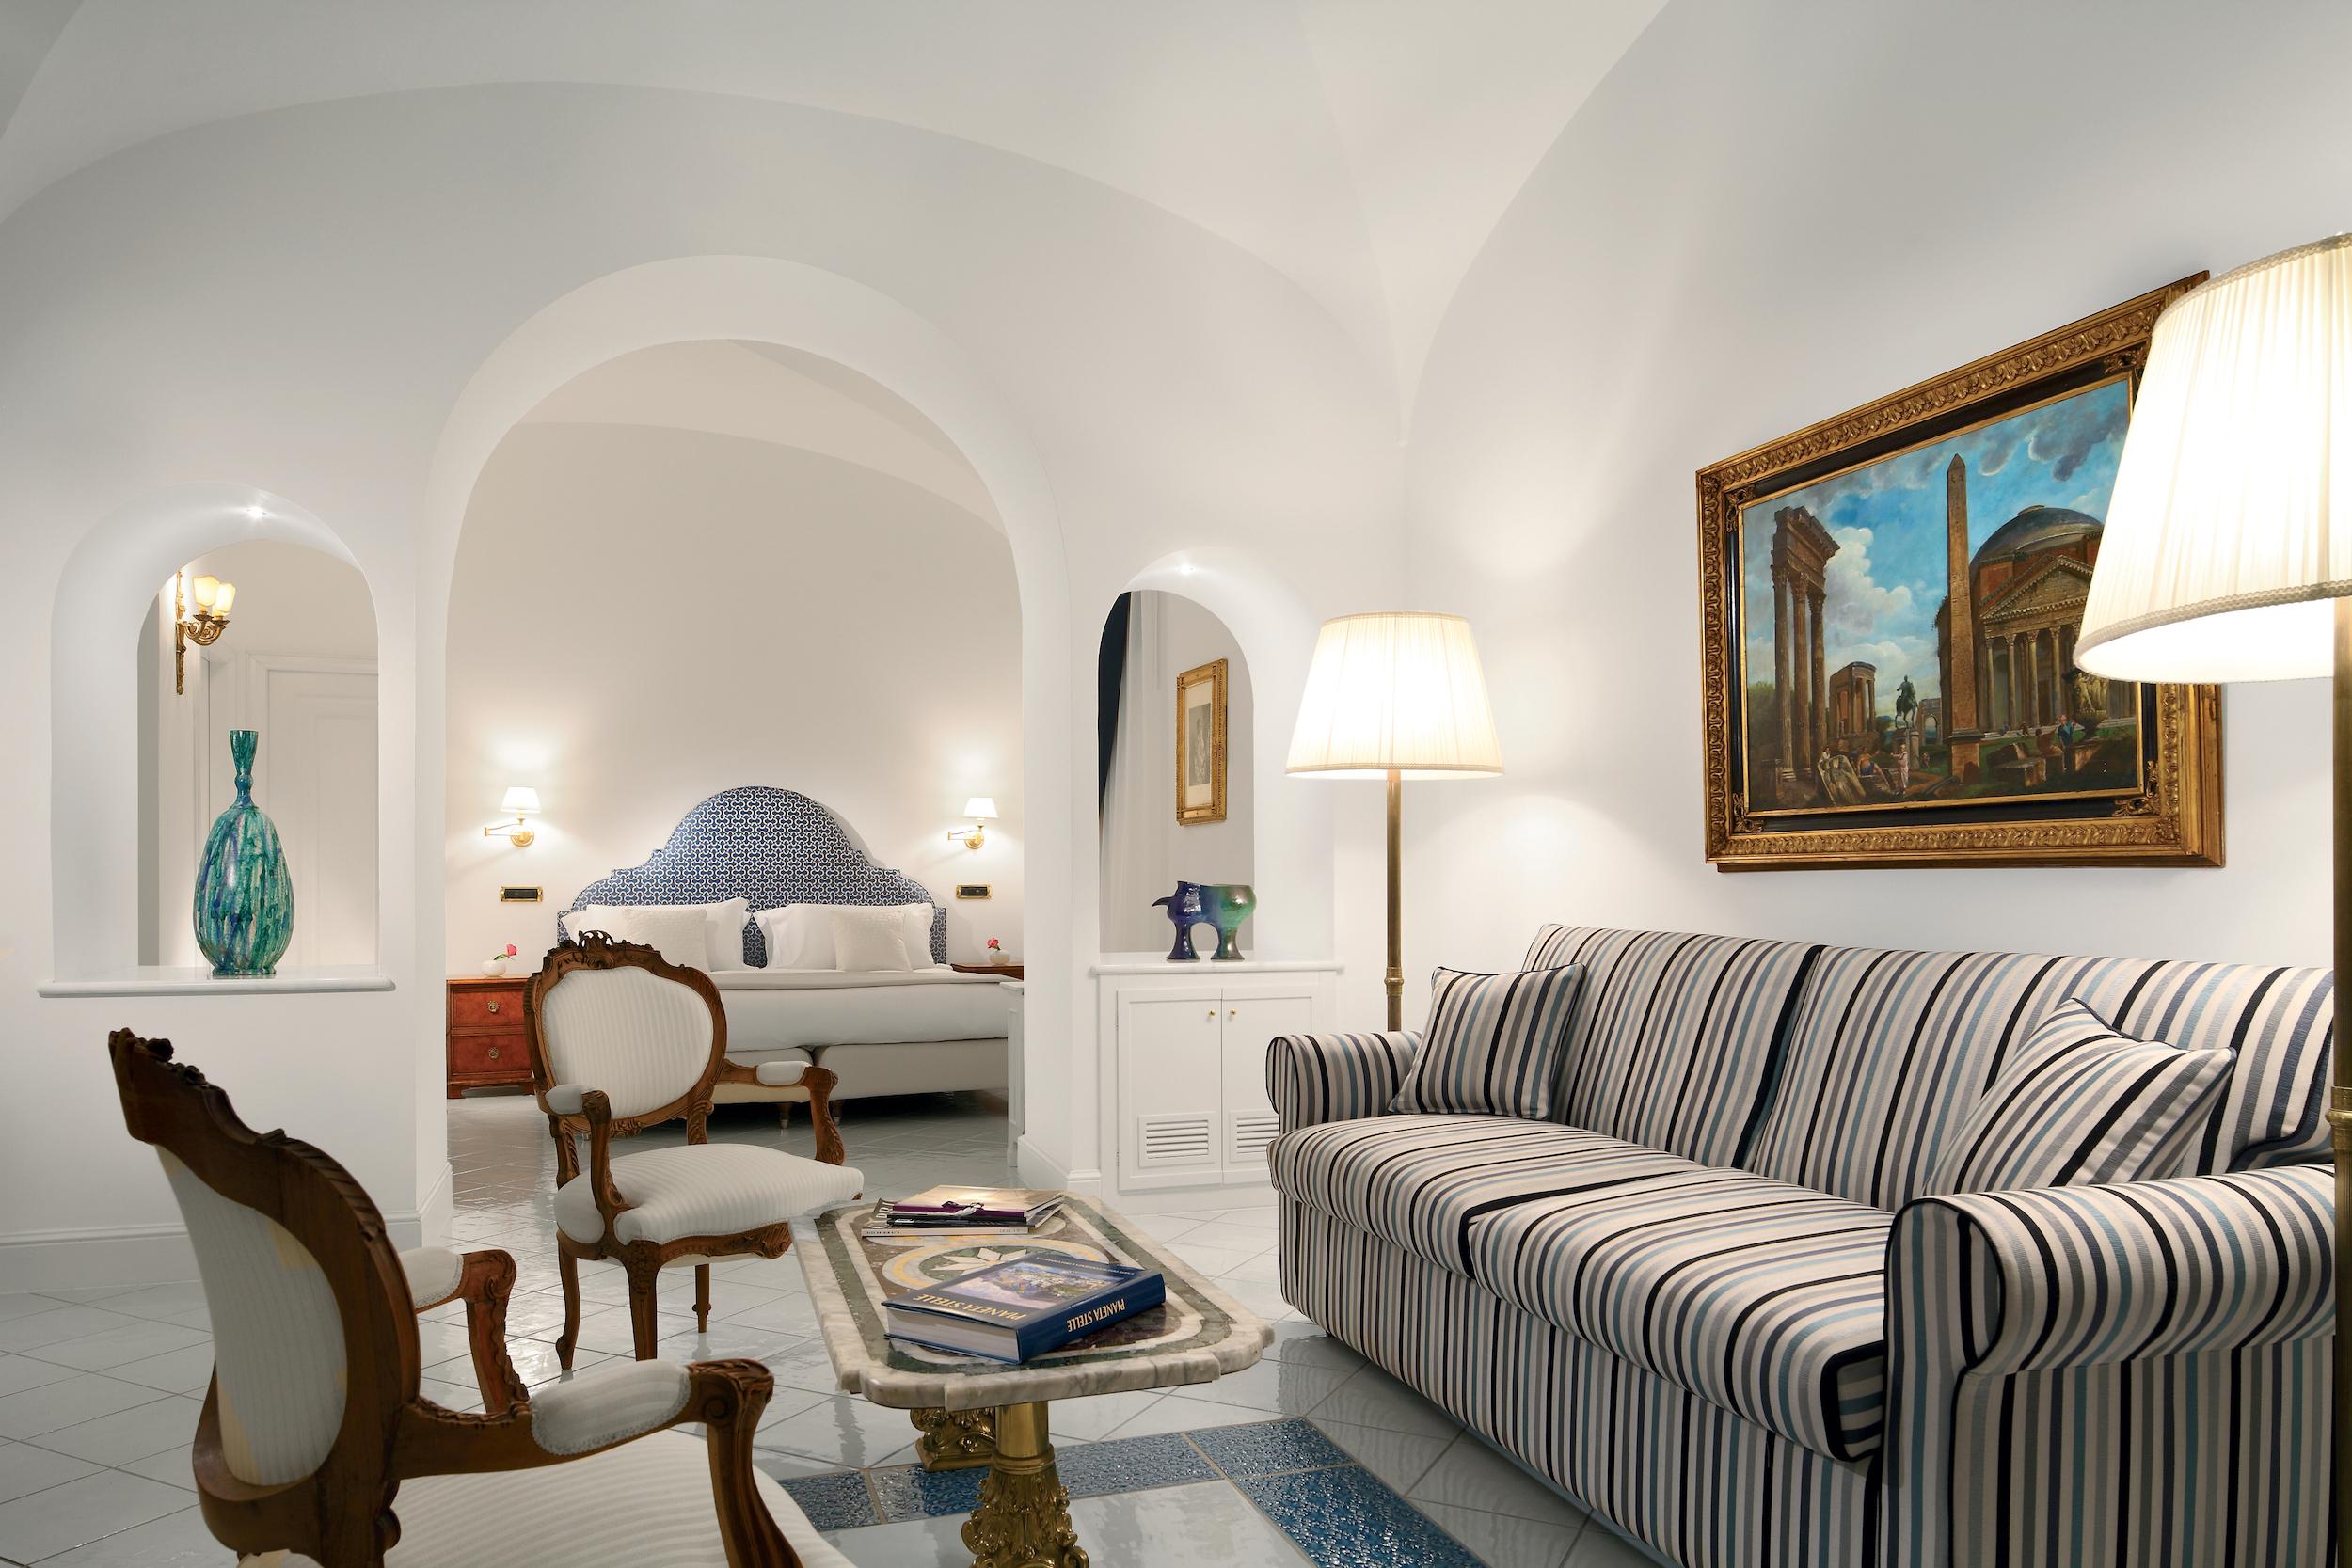 palazzo-avino-superior-junior-suite-details.jpg